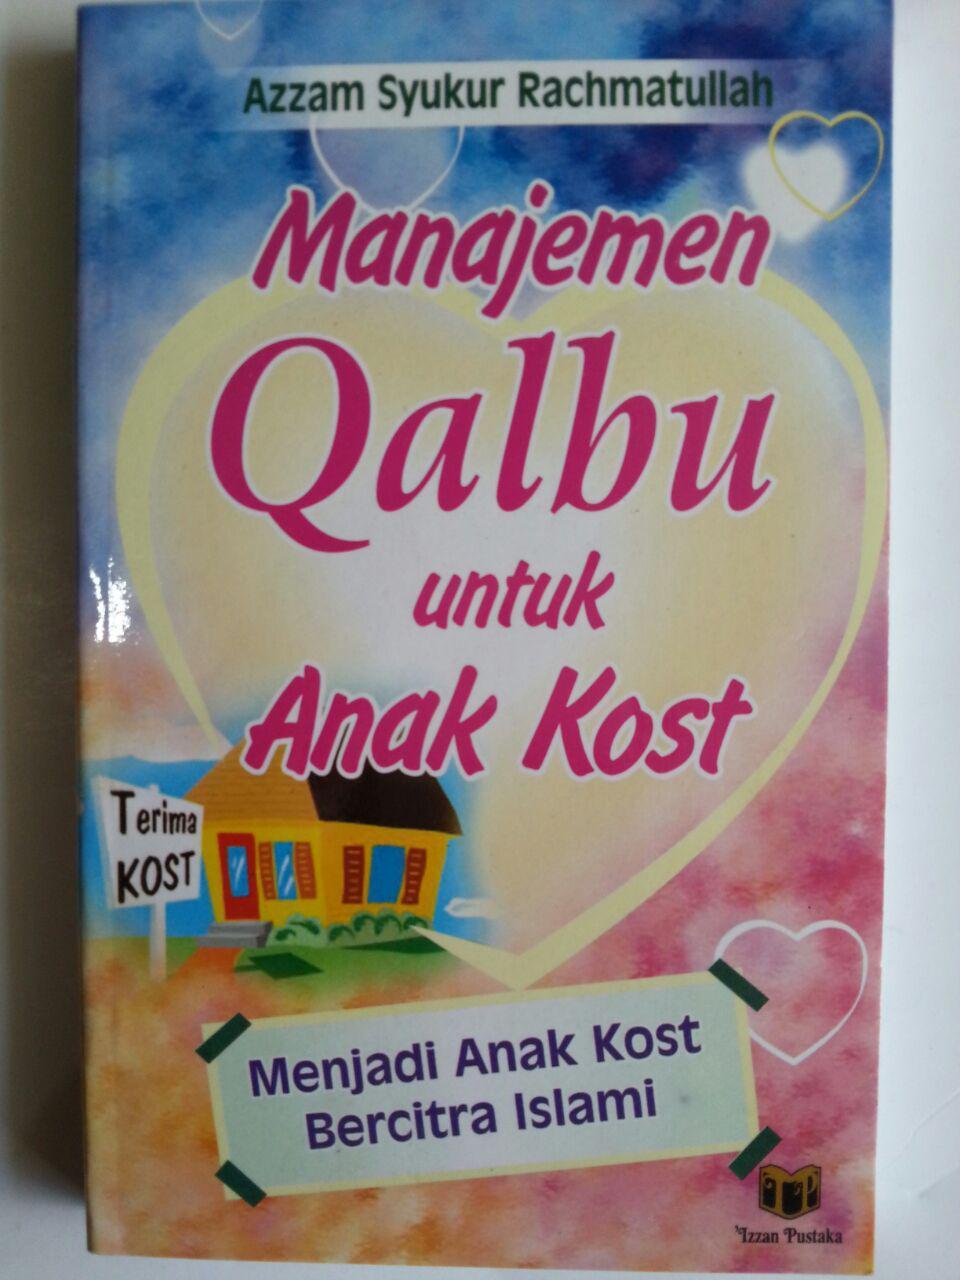 Buku Manajemen Qalbu Untuk Anak Kost Menjadi Bercitra Islami cover 2